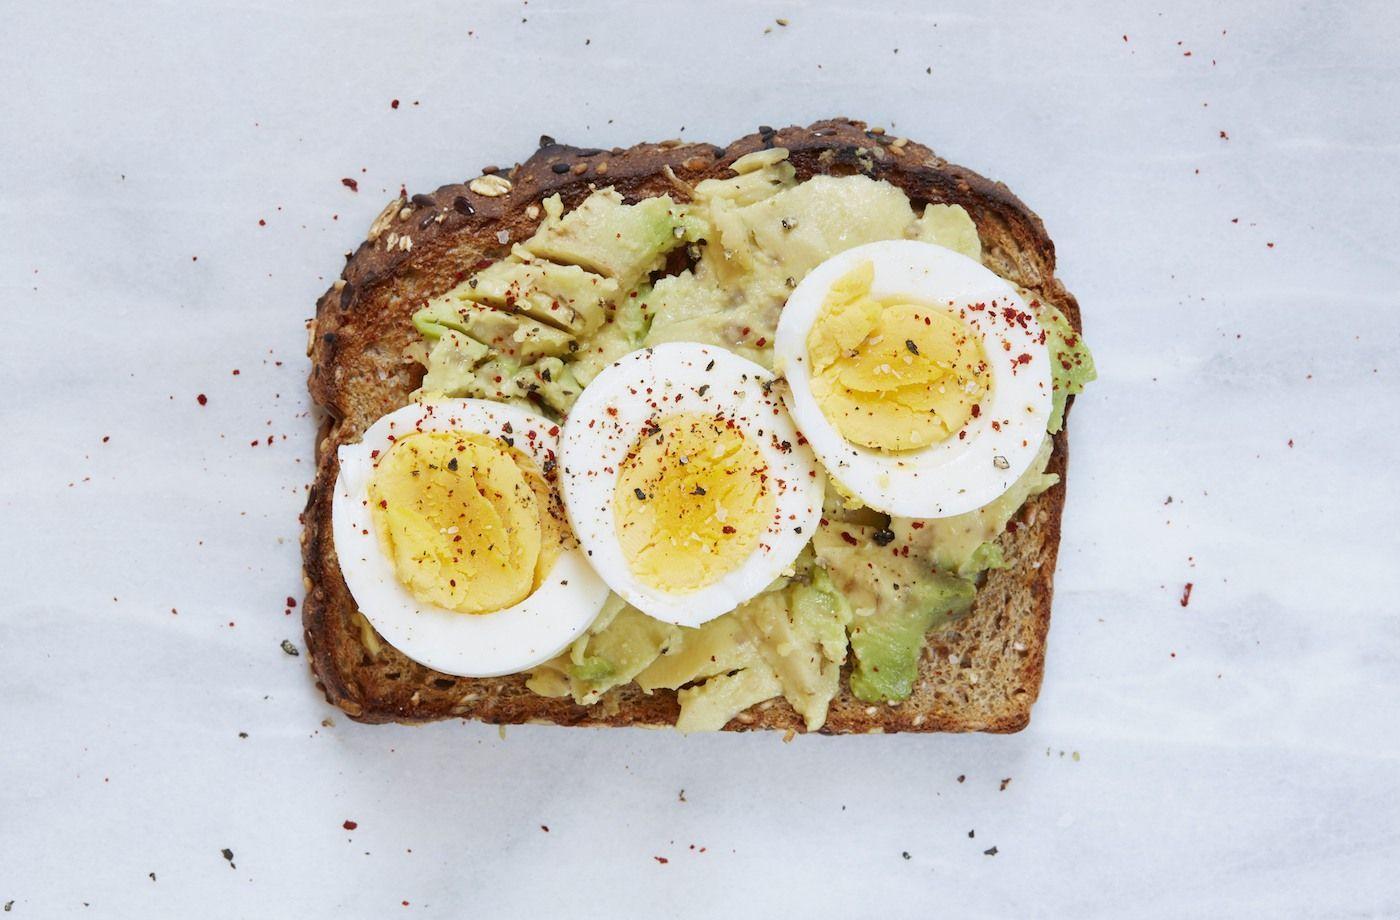 Chị em nên ăn 6 món này trước khi tập thể dục để đốt cháy mỡ thừa mạnh mẽ hơn, body sớm đẹp chuẩn chỉnh - Hình 5